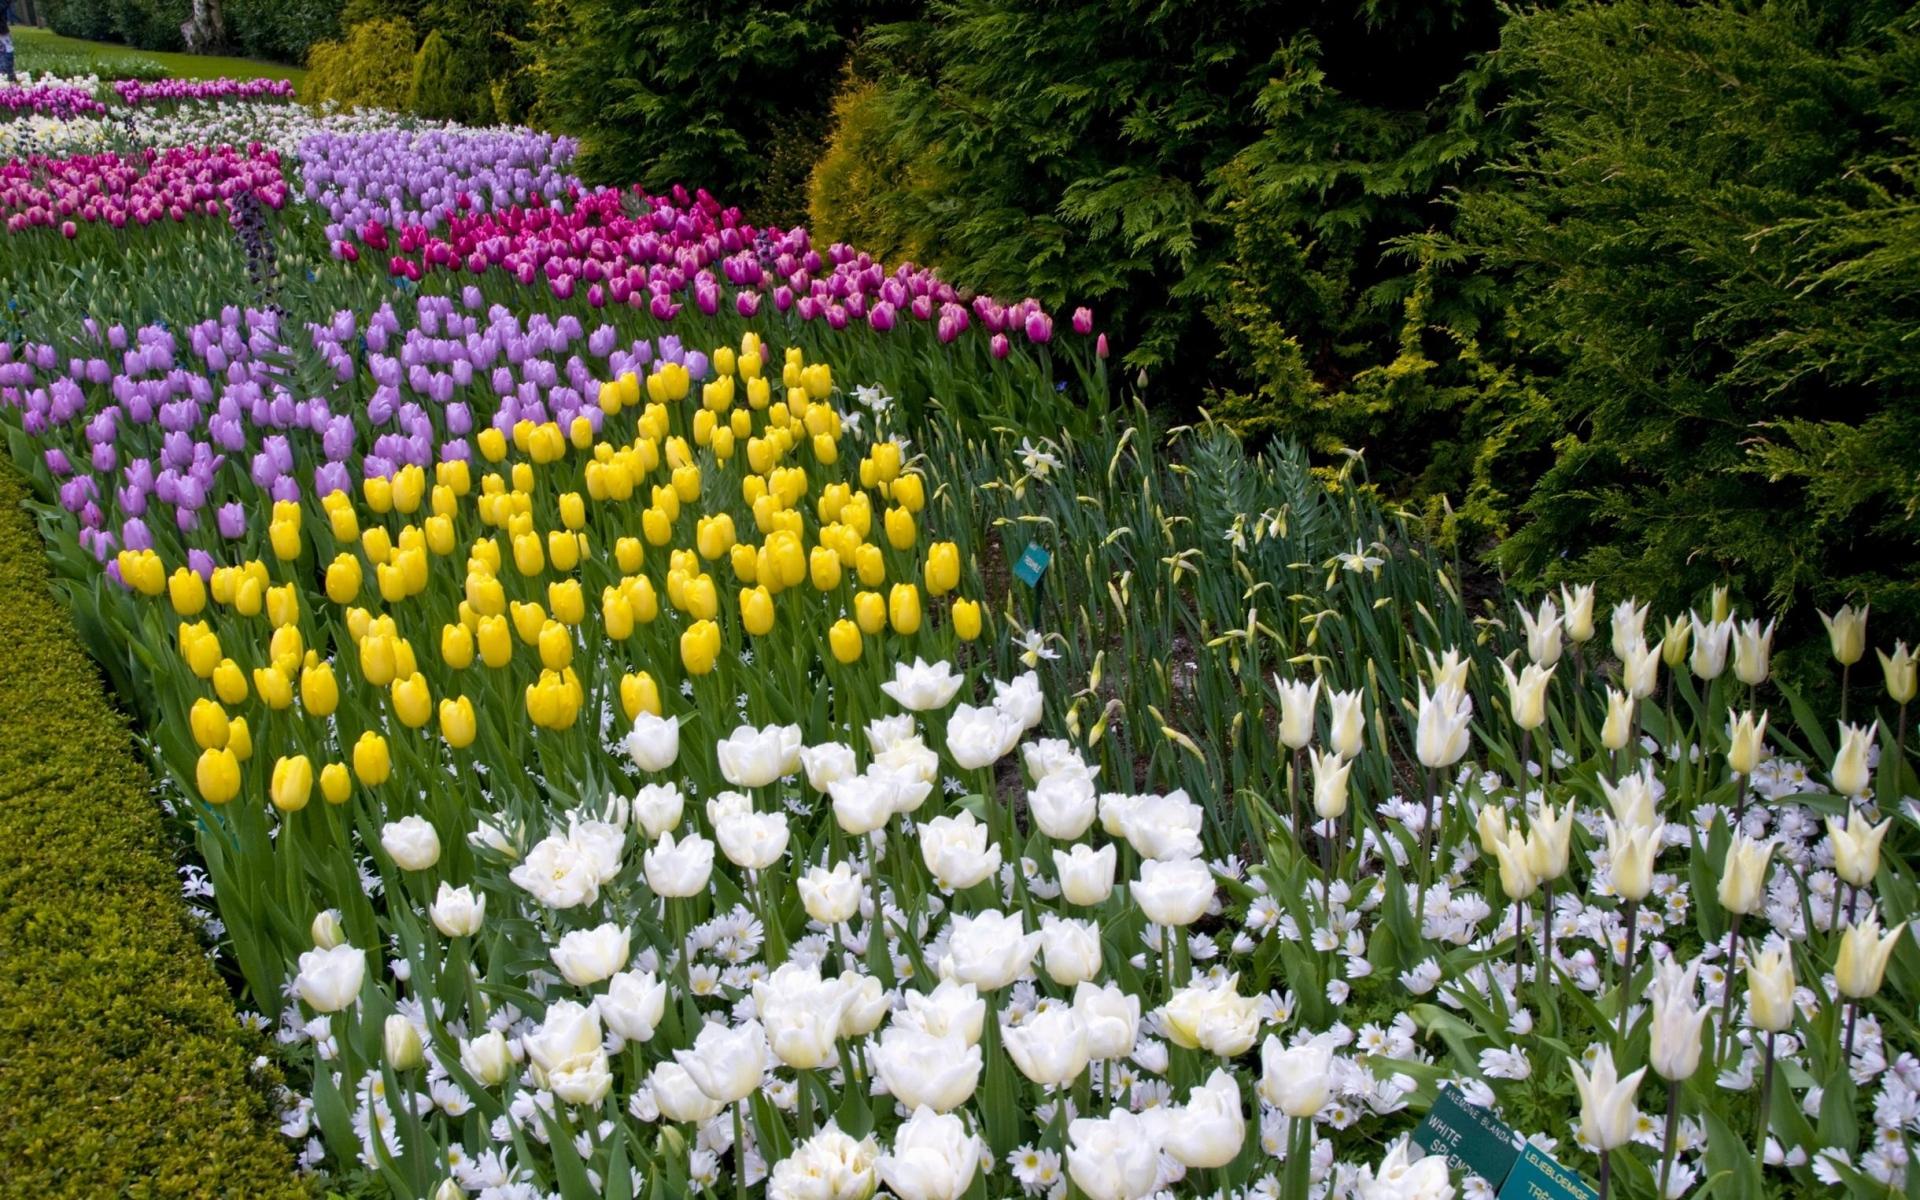 тюльпаны на клумбе с другими цветами фото сентябрь